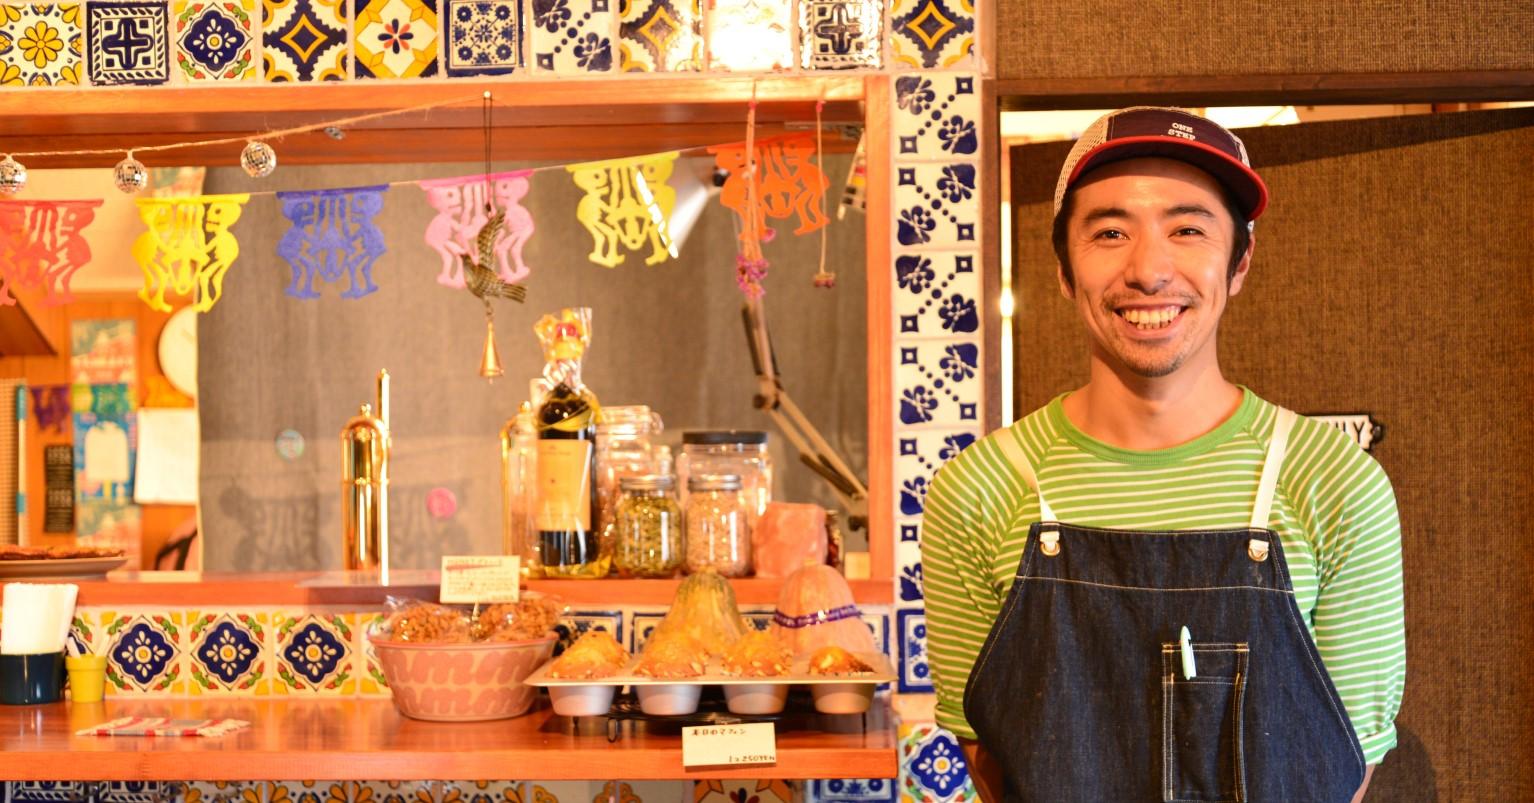 竹内 悠太さん(洋食と喫茶 COSTA 経営)<br>島原市出身、30 代<br>